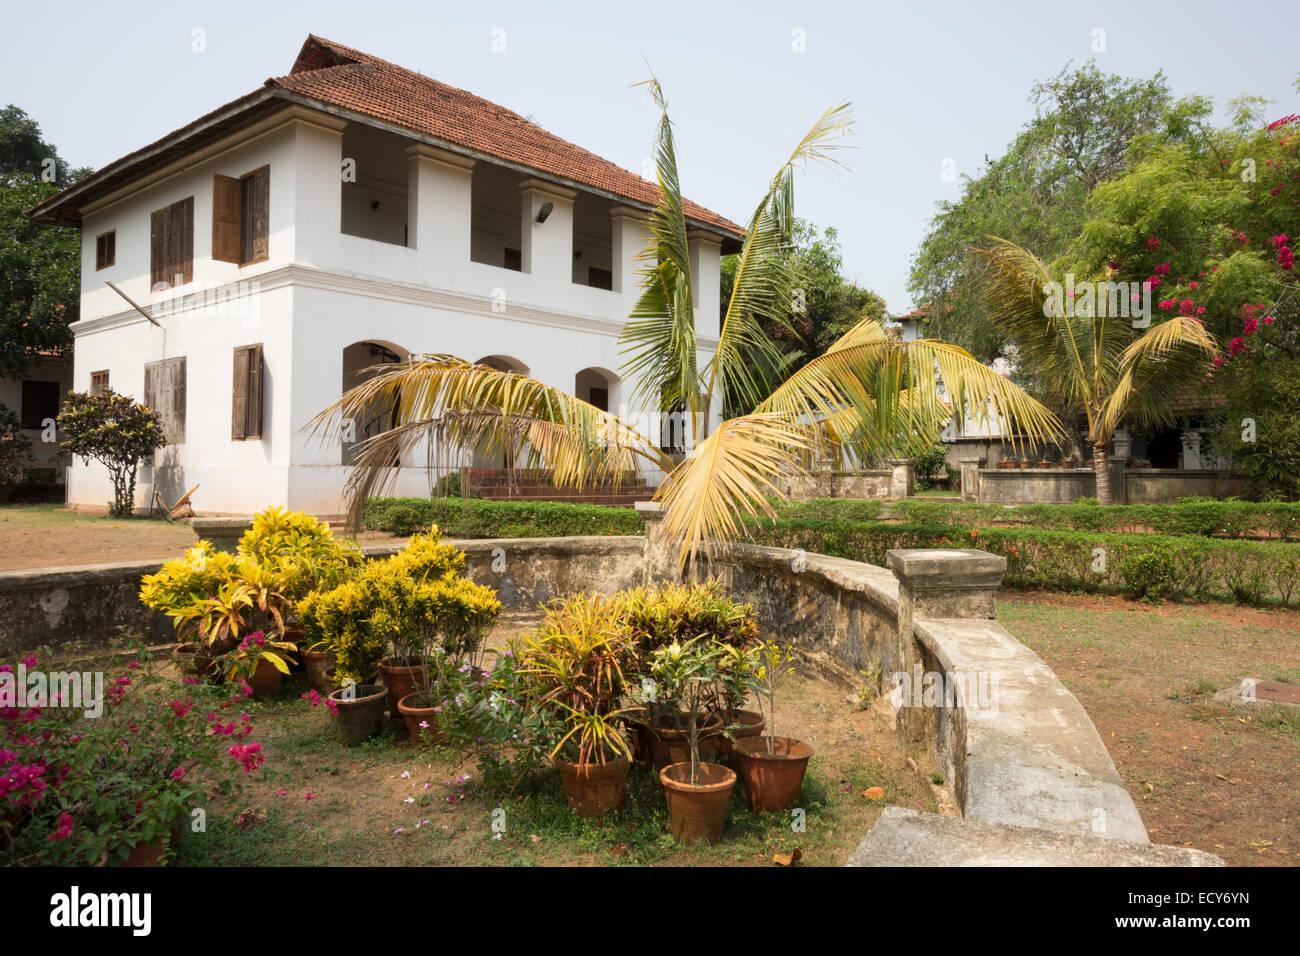 Home Gardens Of Kerala Stock Photos Home Gardens Of Kerala Stock